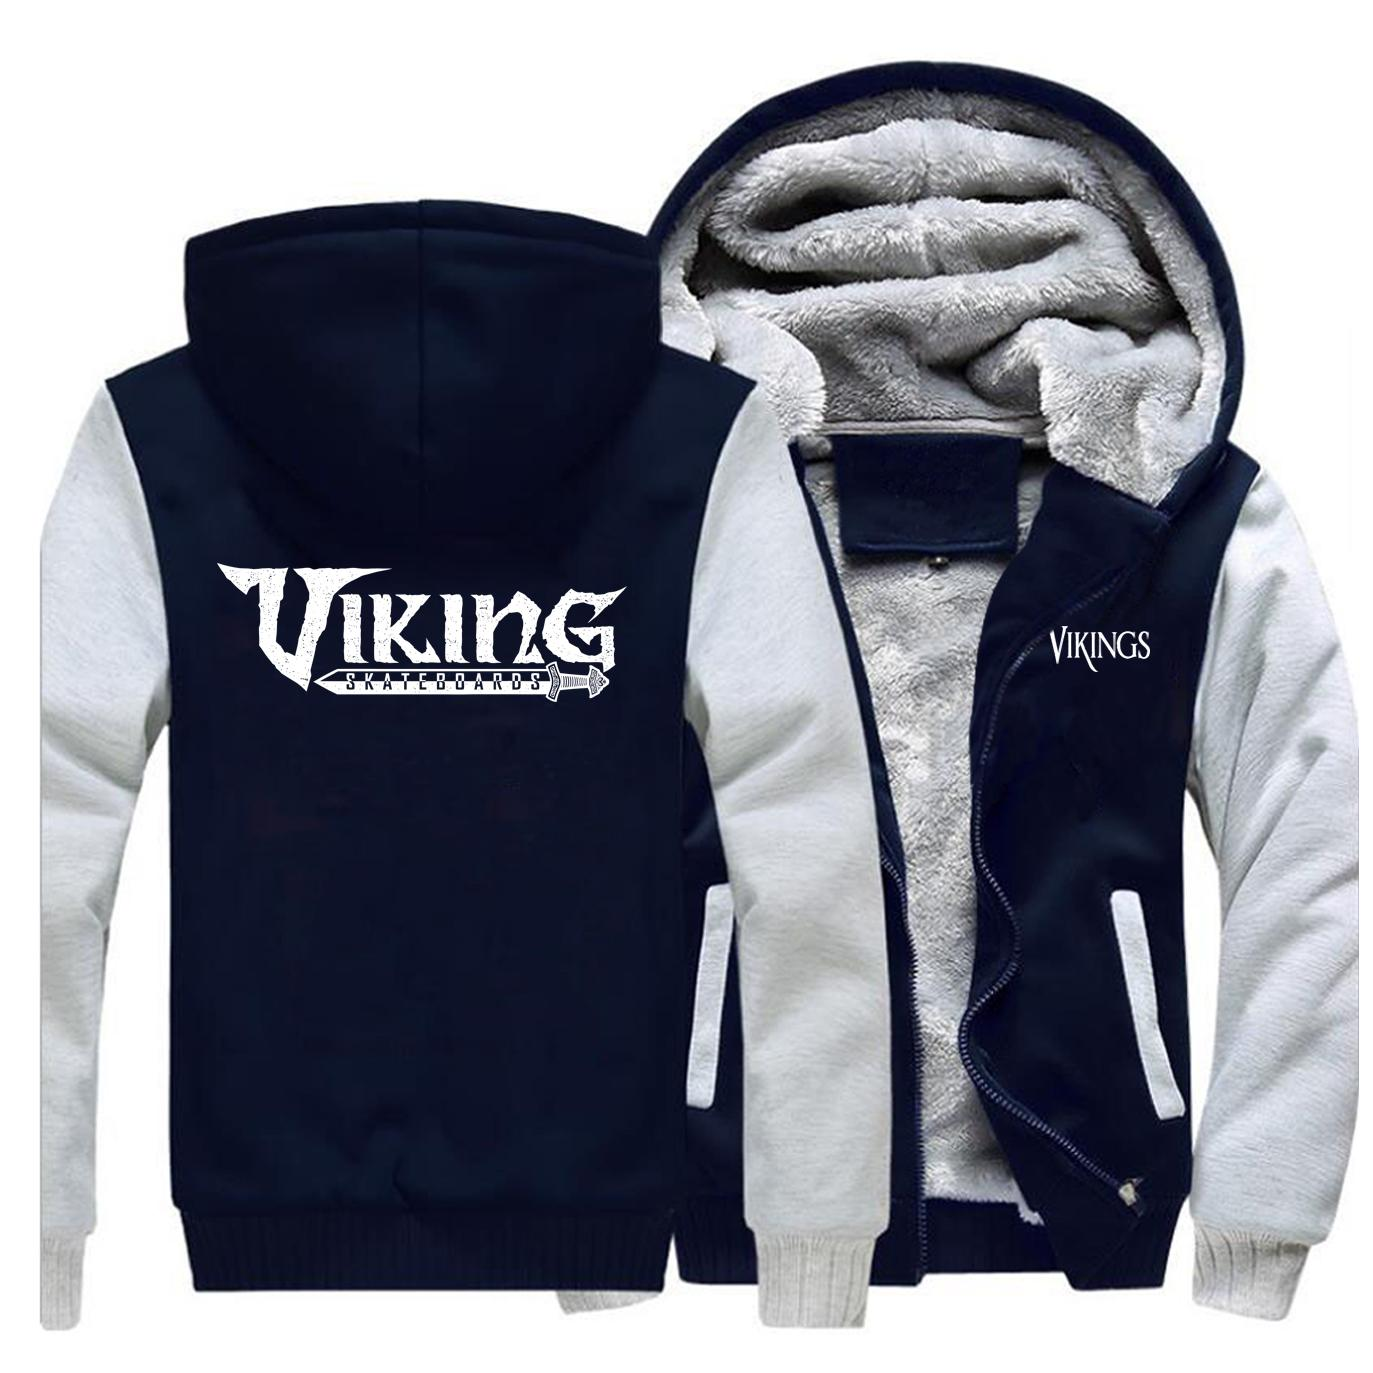 Odin Vikings 2019 Kış erkek Raglan Hoodie Komik Casual Kalın Hoodies Kazak Yüksek Kaliteli Erkekler Ceket Mektup Baskı Giyim X1022